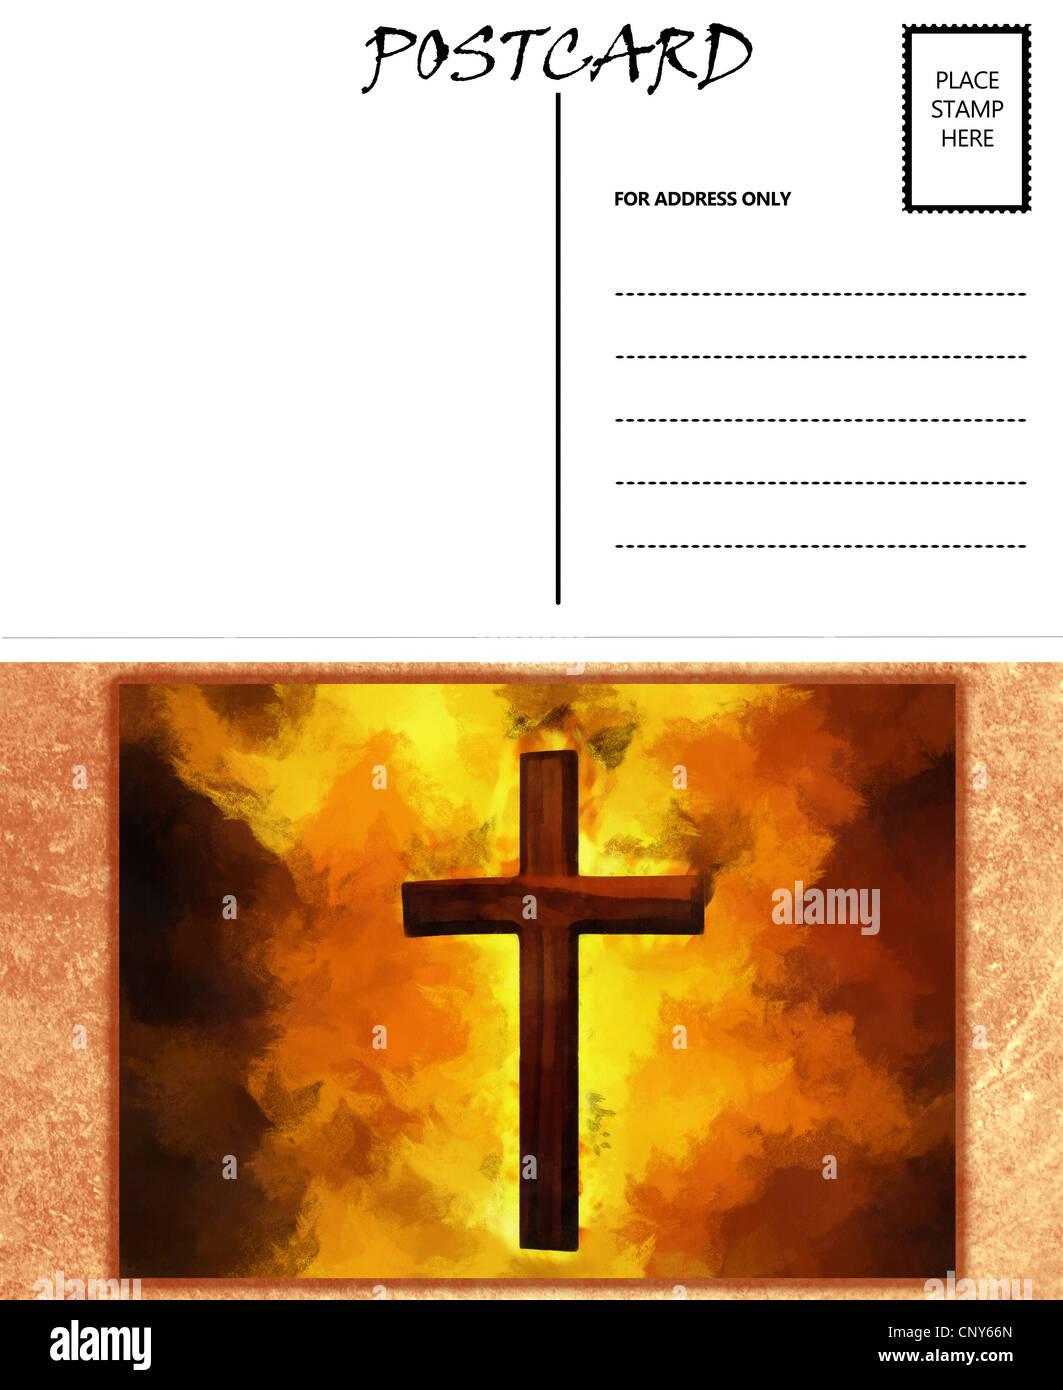 Ziemlich Postkarte Vorlage Wort Frei Bilder - Beispiel Business ...